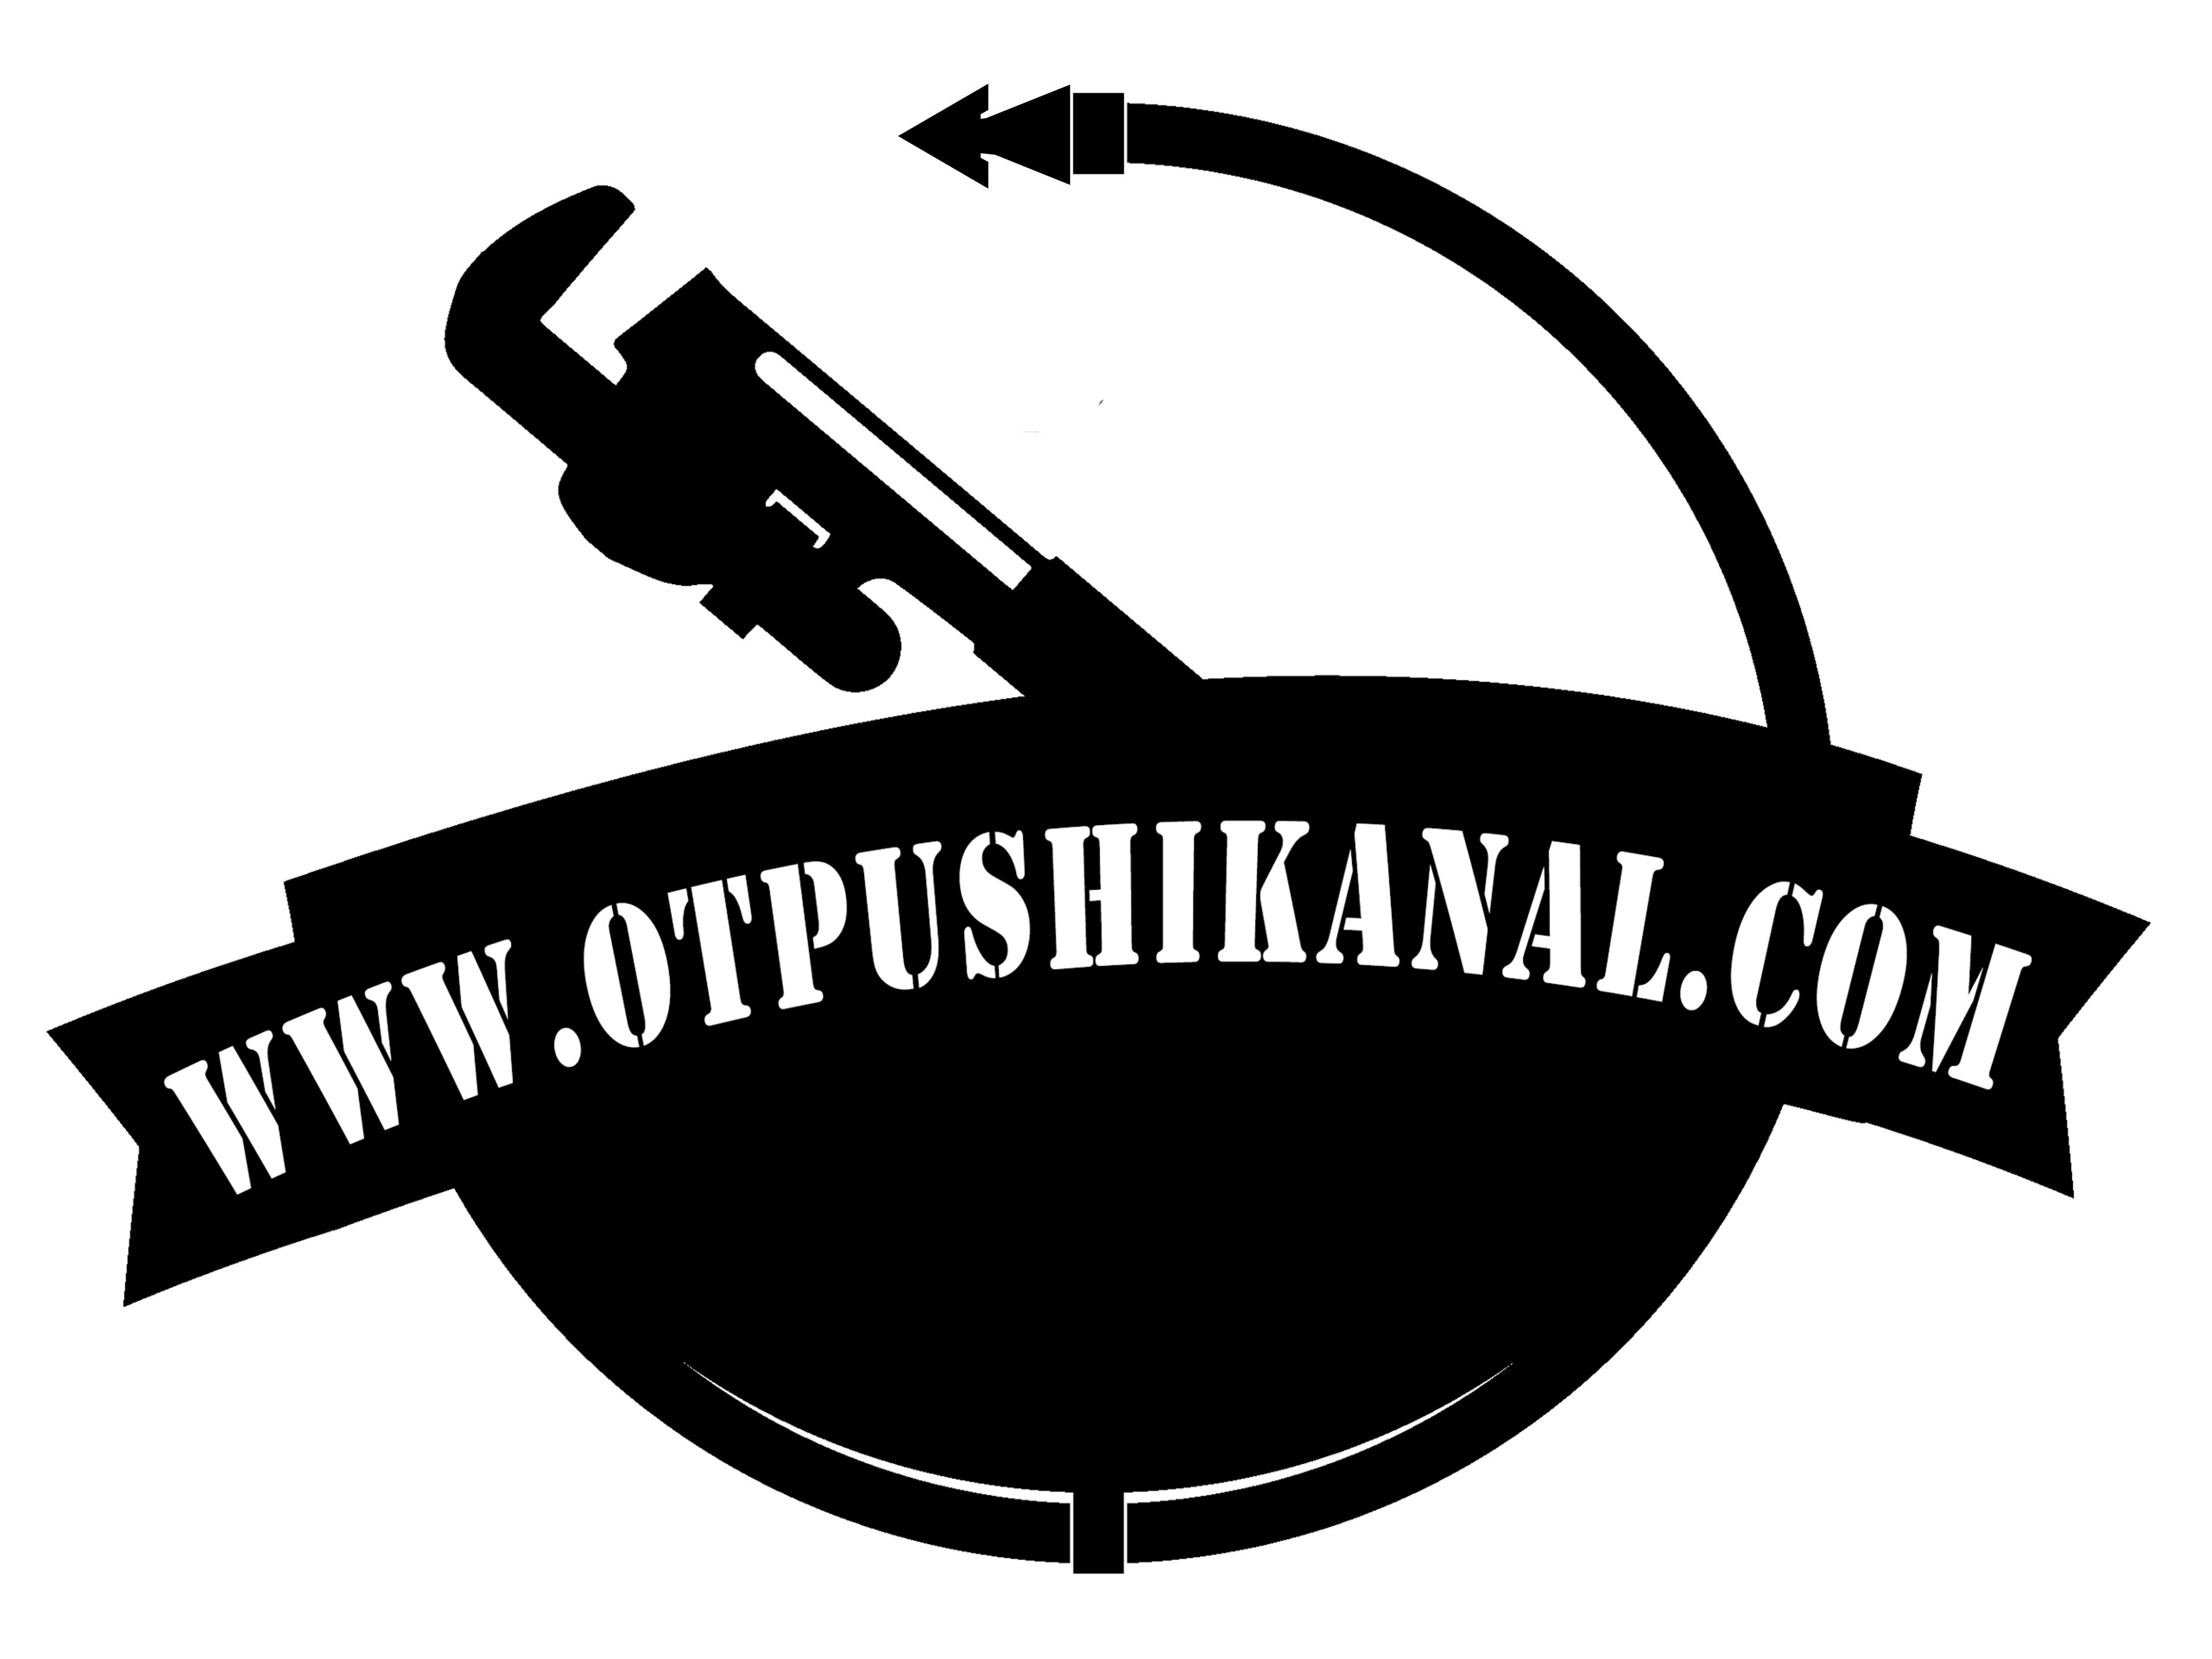 OtpushiKanal.com